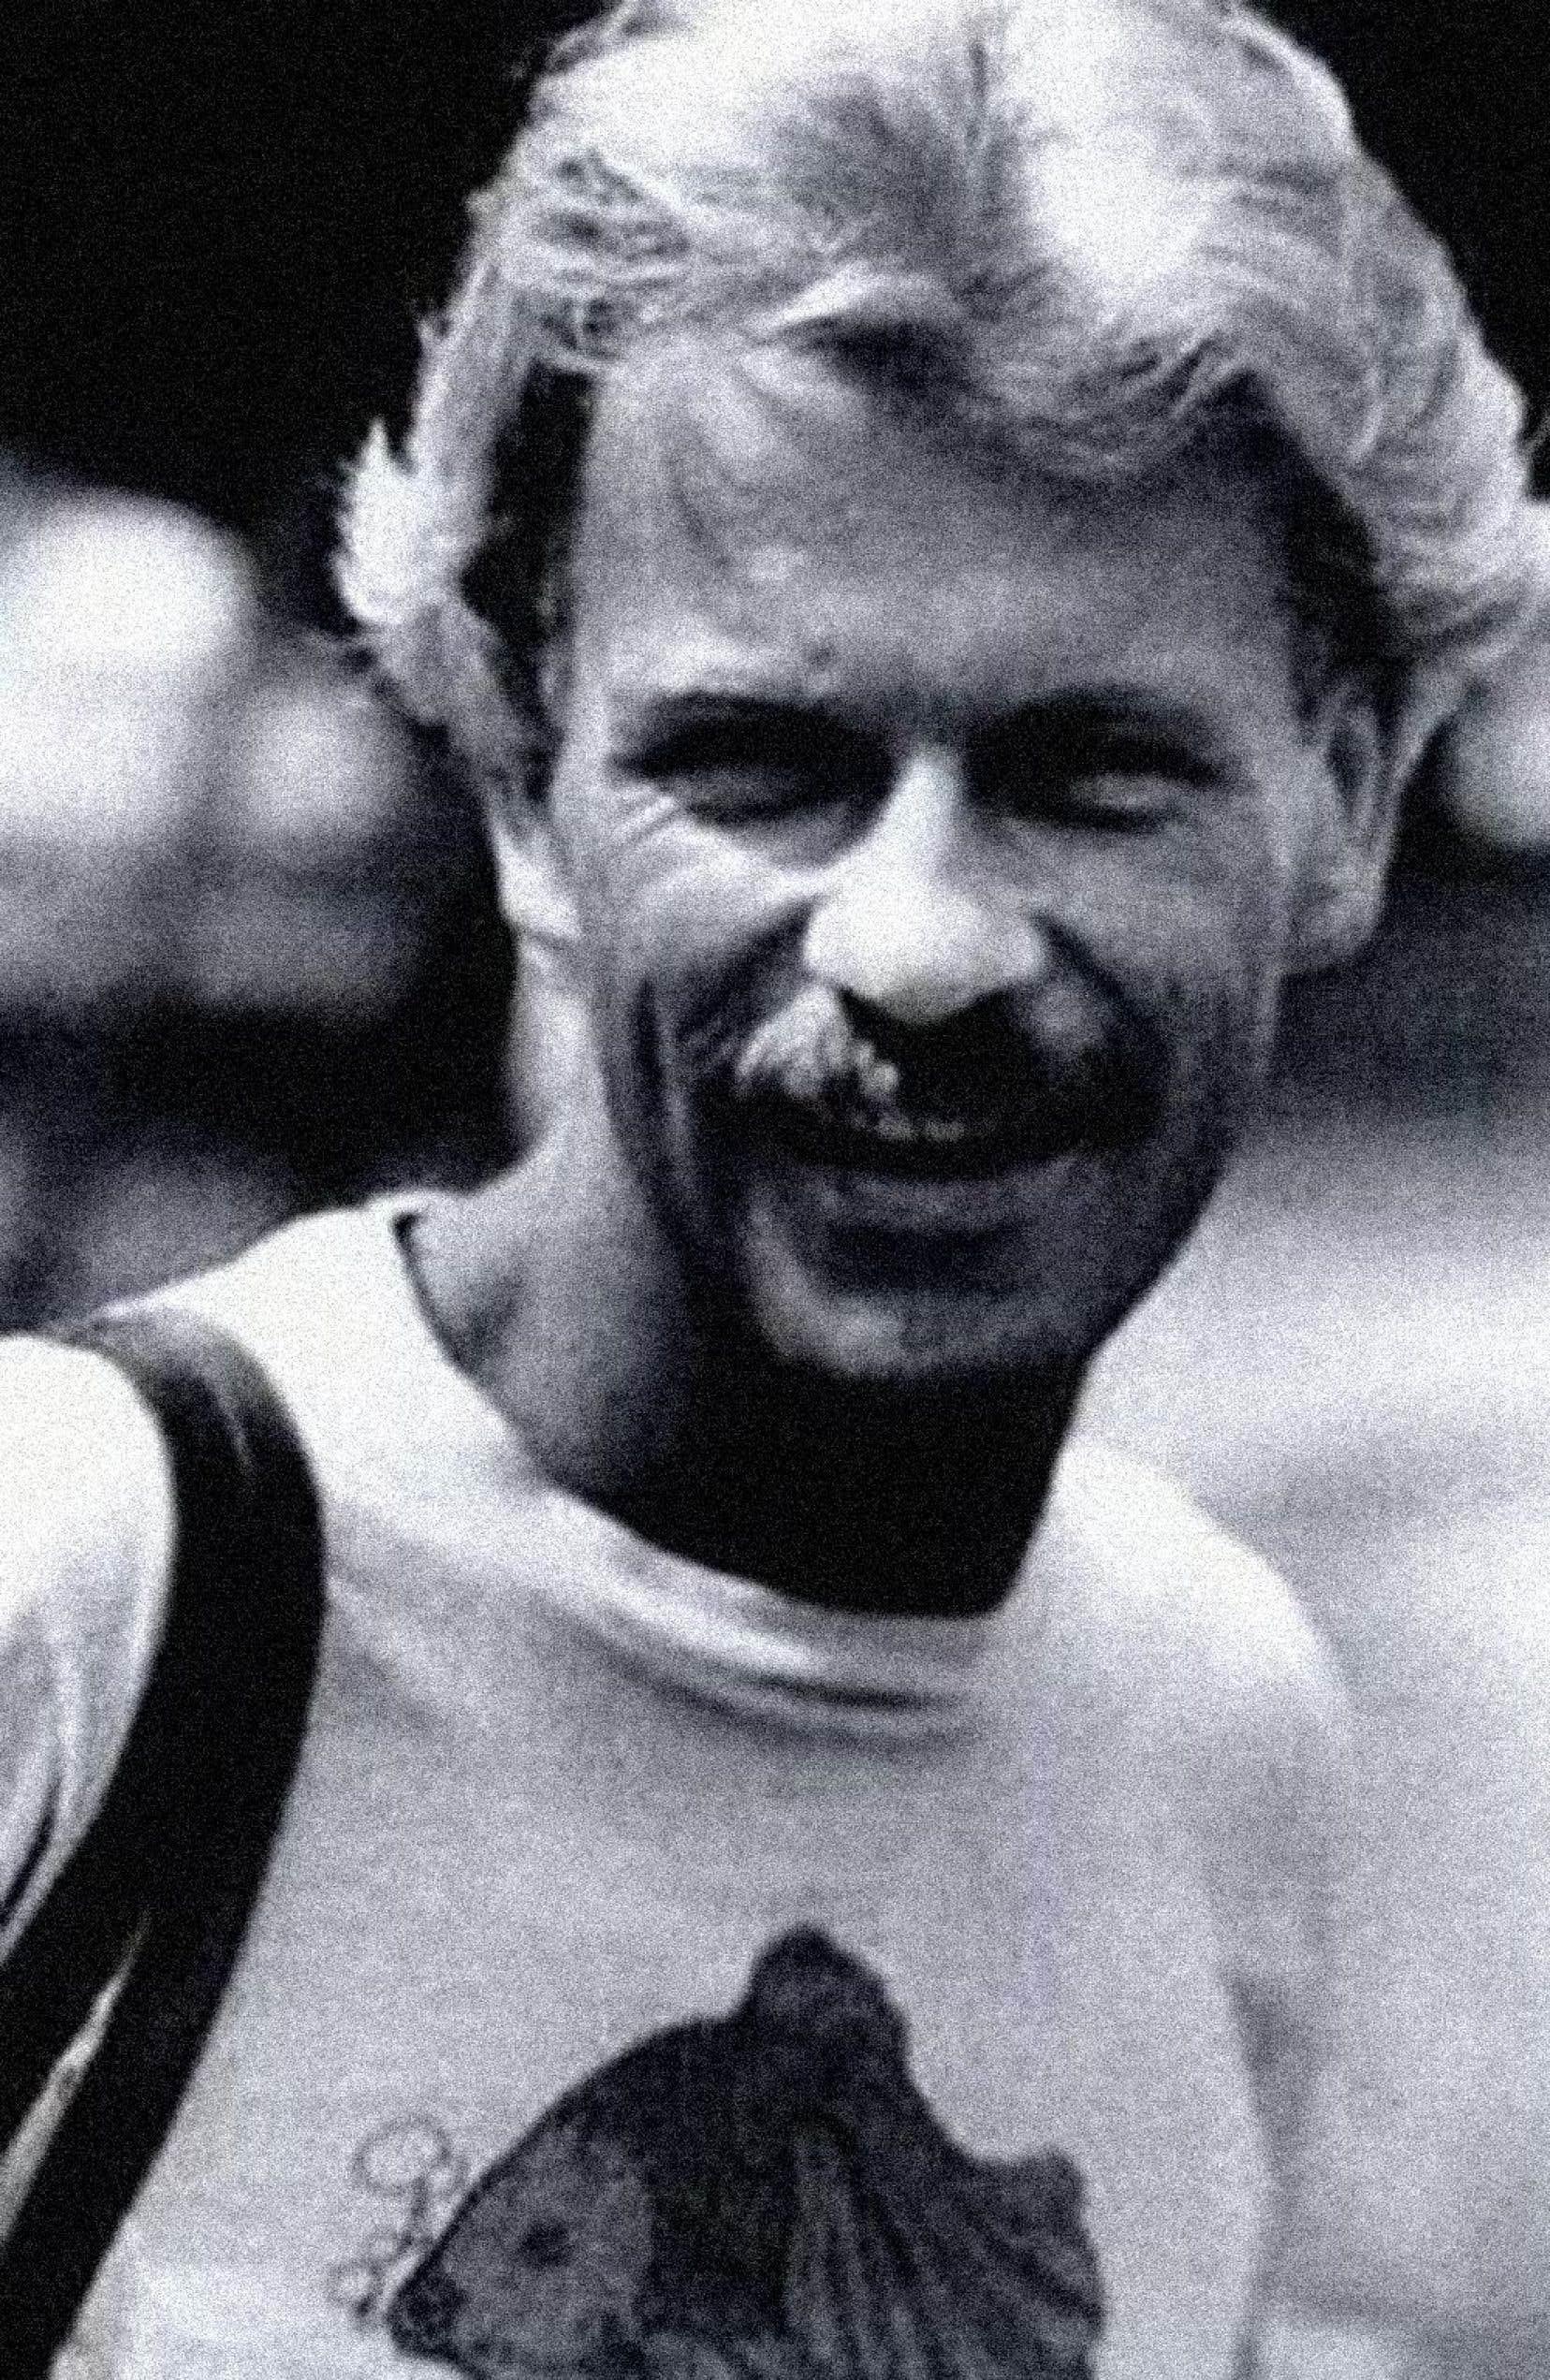 Selon les auteurs de l'étude, Gaétan Dugas a été nommé «patient zéro» par erreur dans une étude de 1984 portant sur des homosexuels atteints du sida.